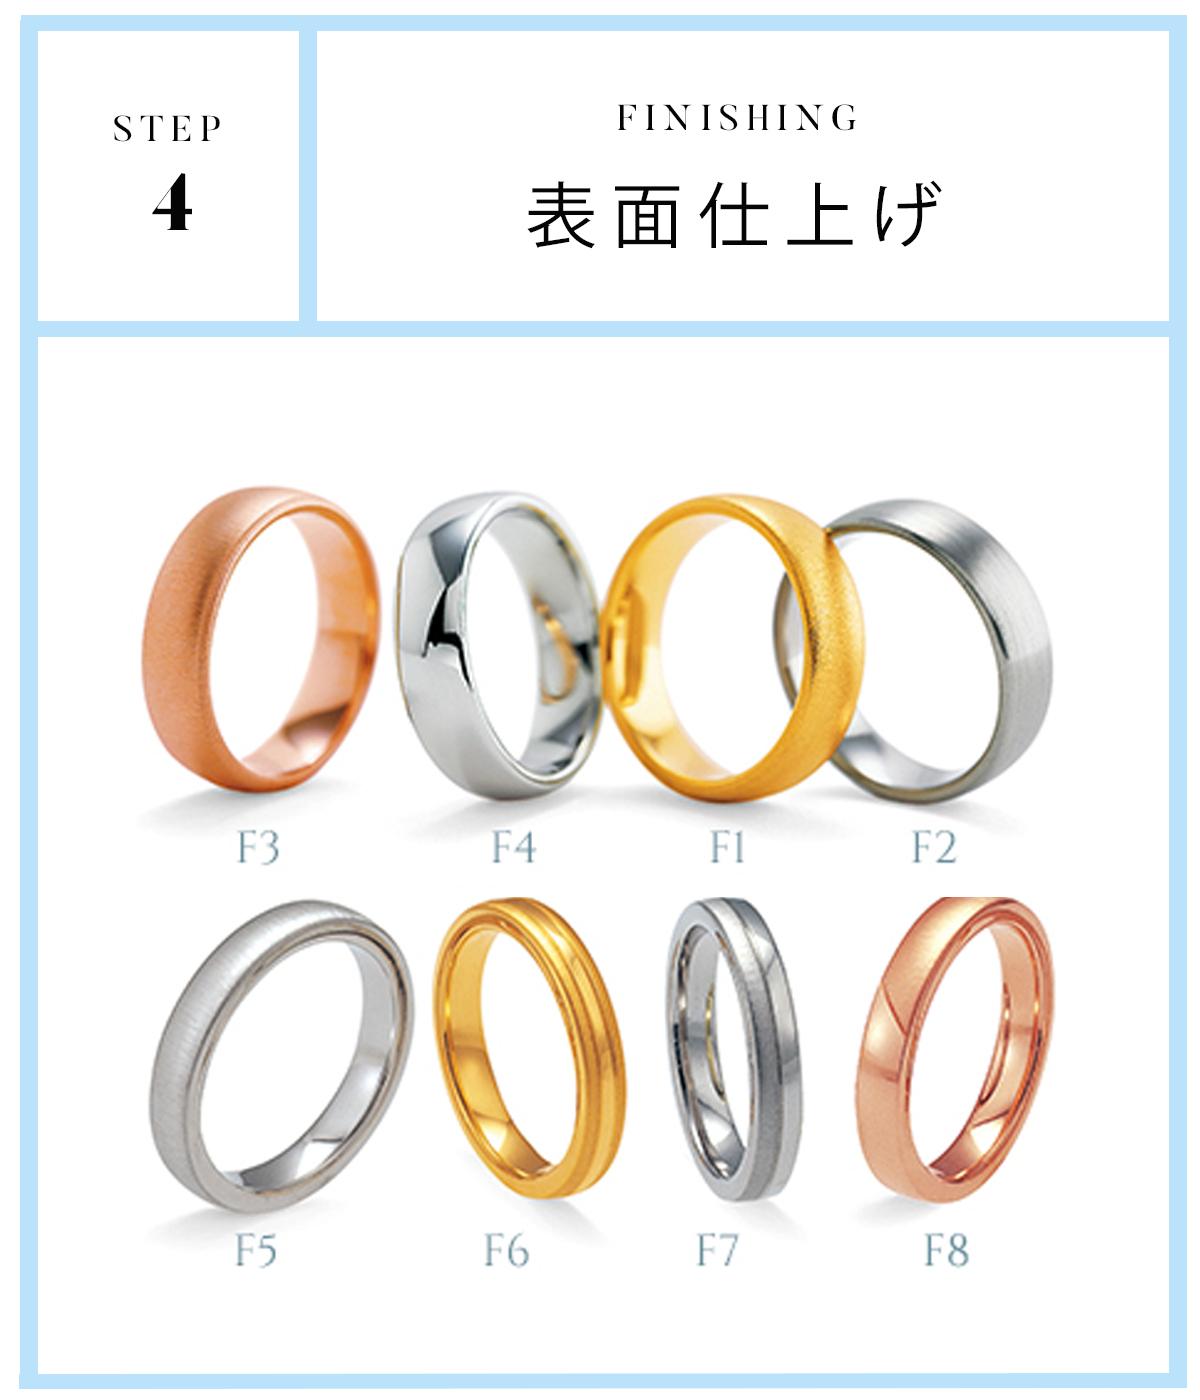 広島県広島市と広島県福山市のセレクトジュエリーショップヴァニラがおすすめするFURRERJACOTフラージャコ―の人気の結婚指輪シリーズ4